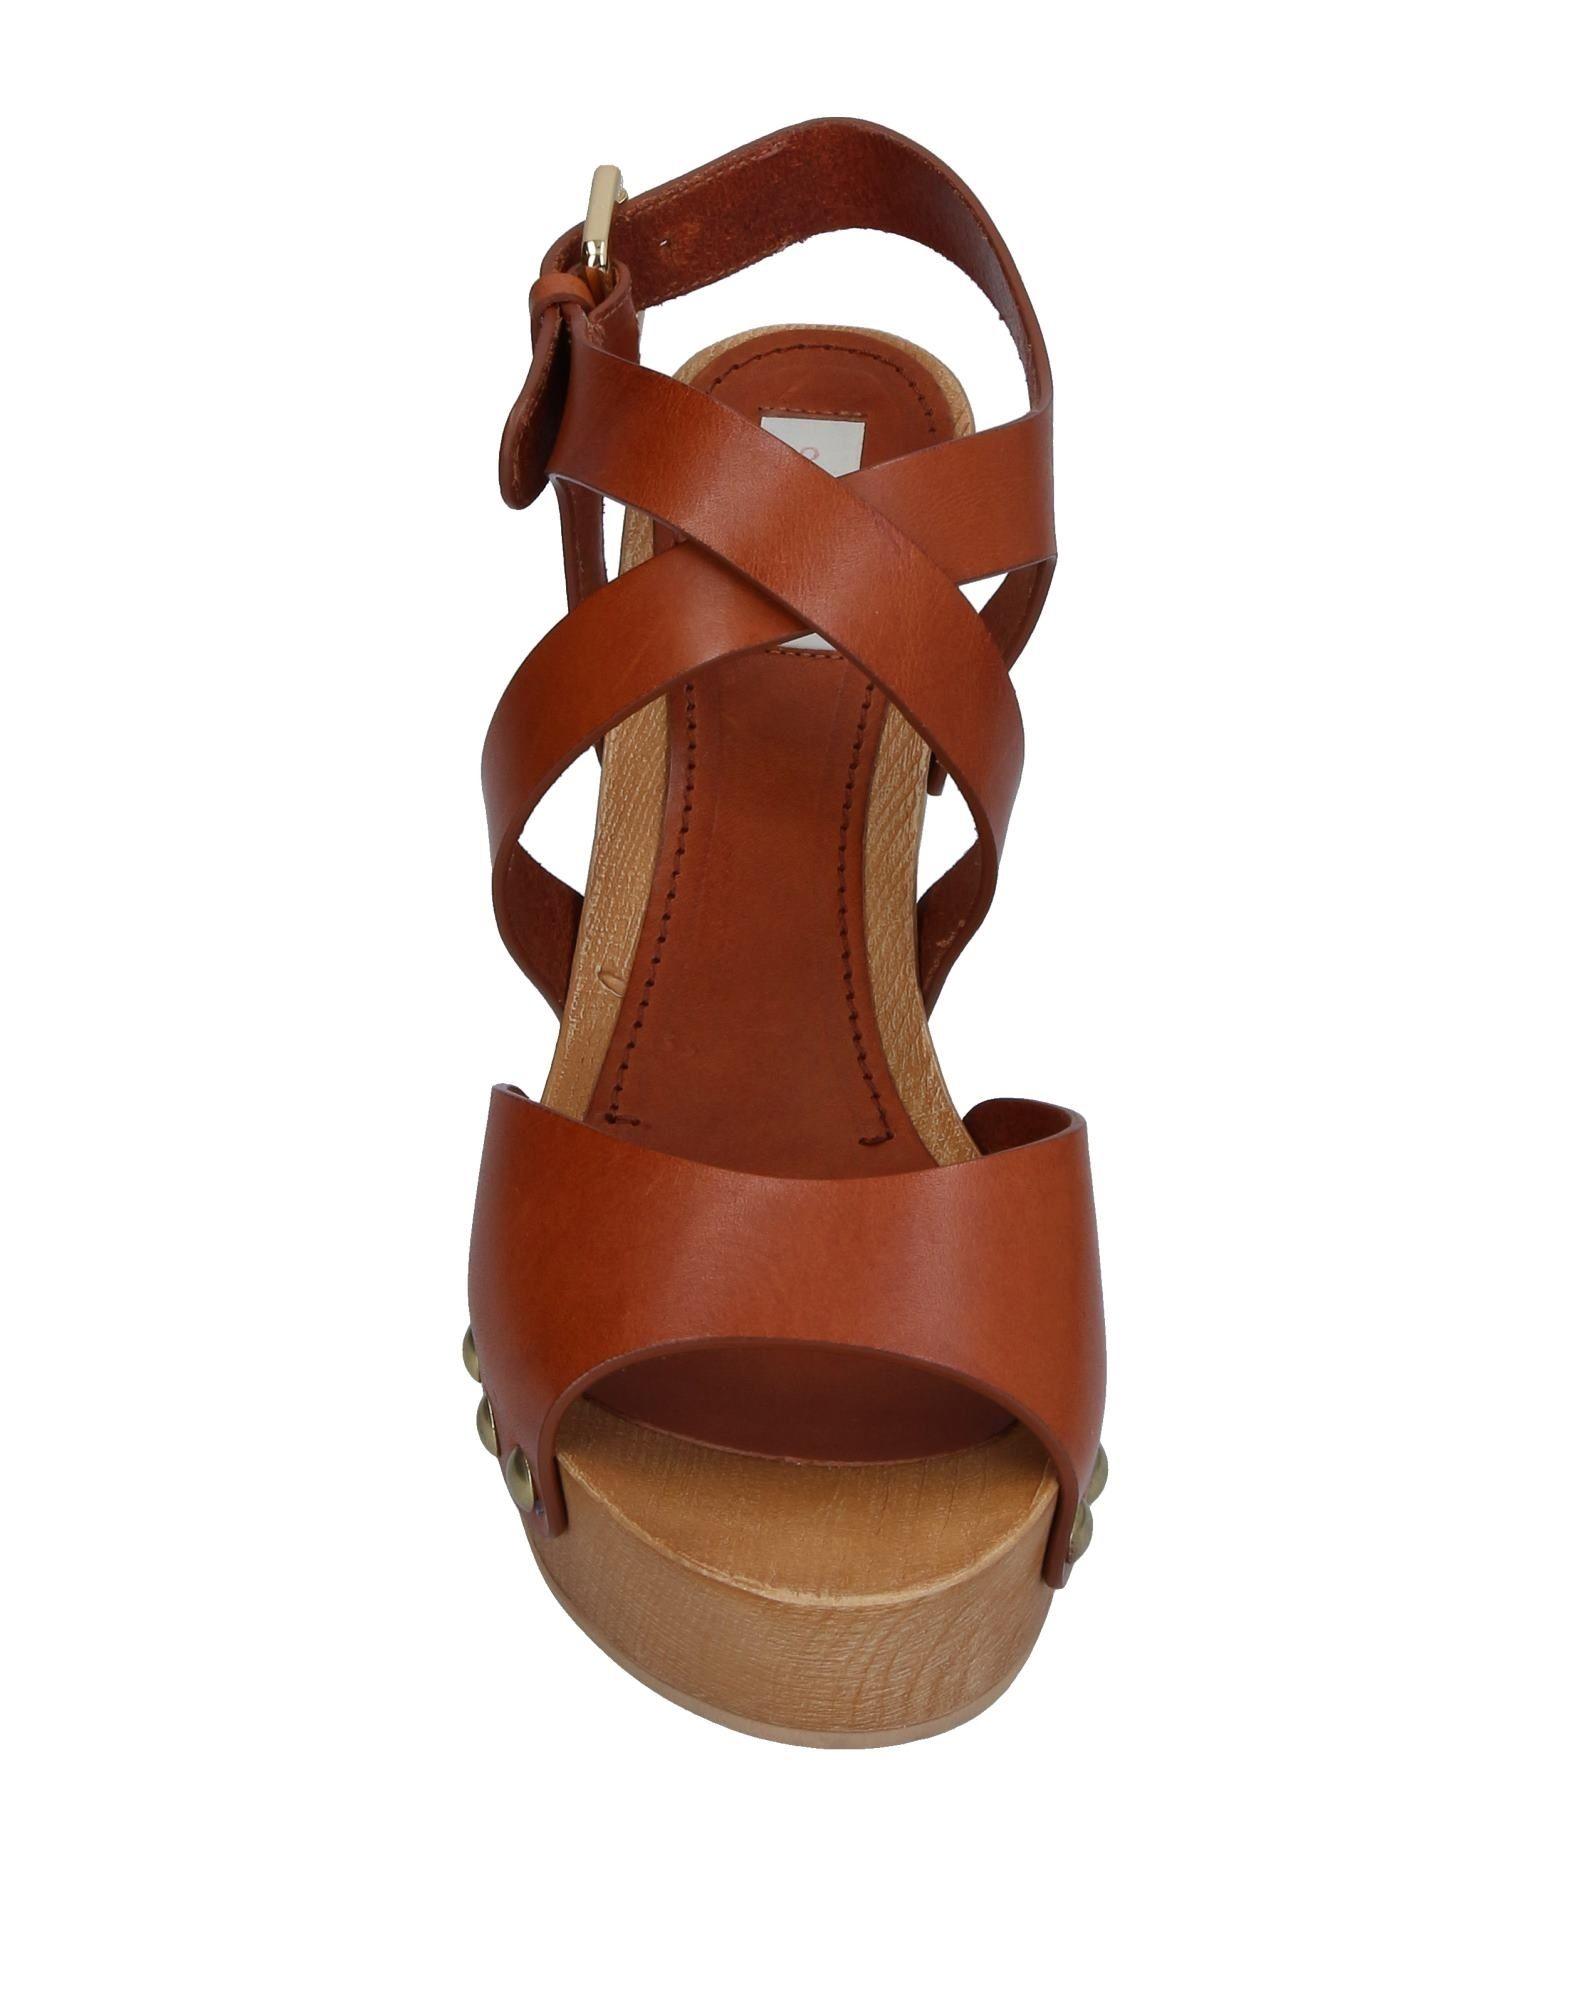 Gut um Autre billige Schuhe zu tragenL' Autre um Chose Sandalen Damen  11371572XJ 7e5c32